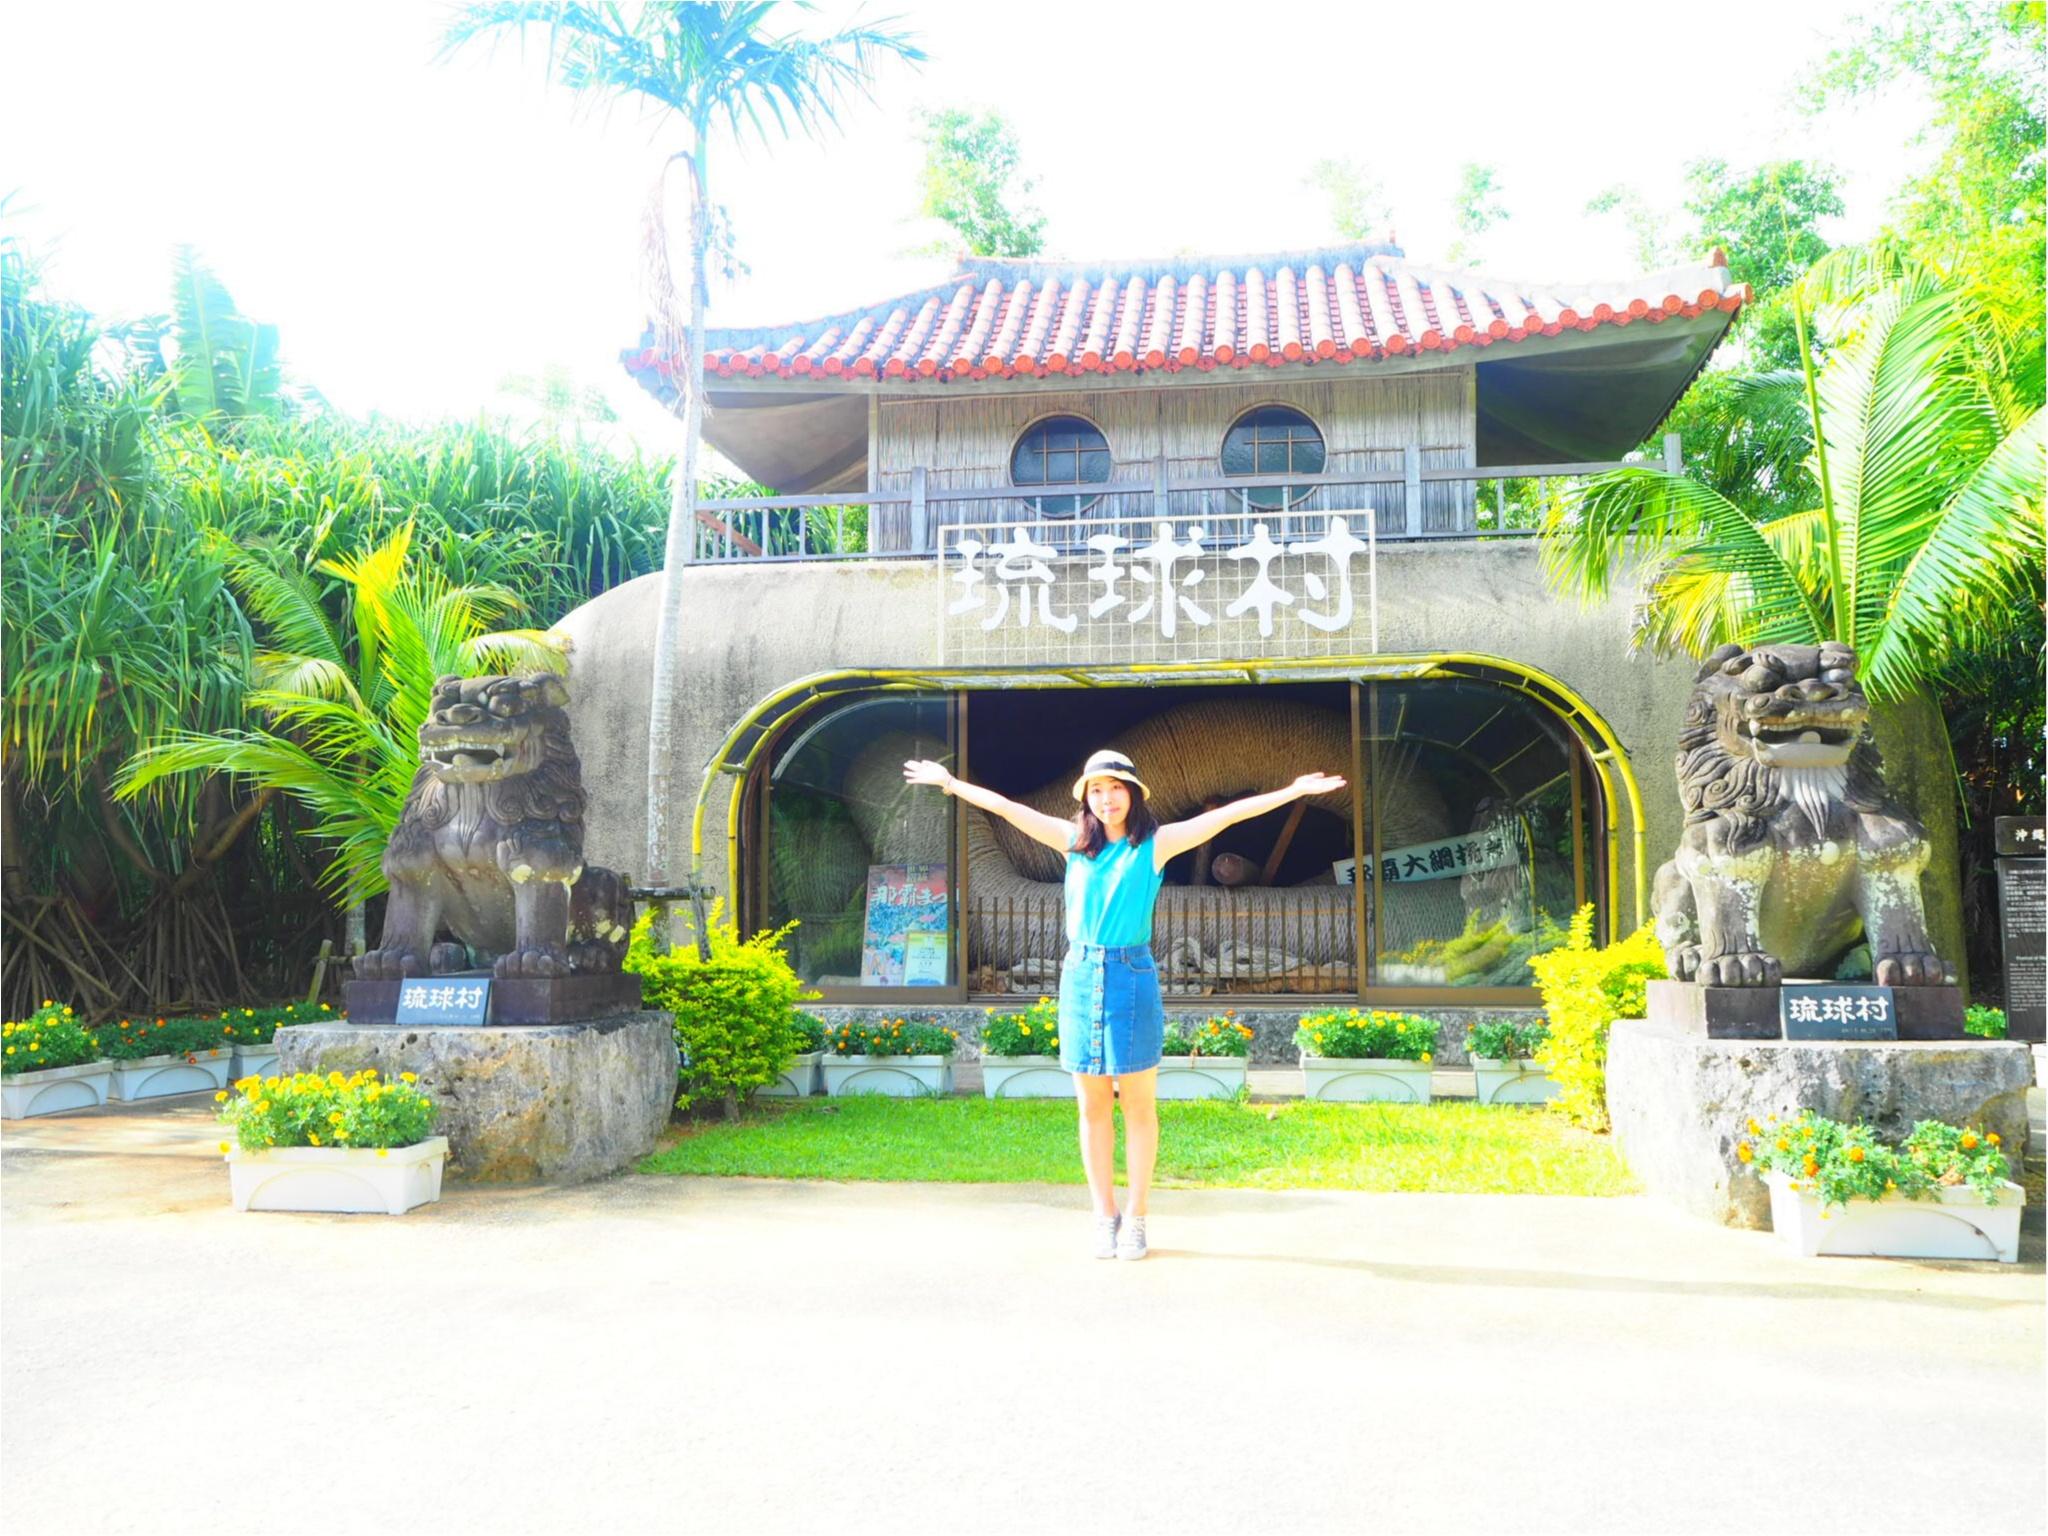 """【沖縄旅Part.②】車がなくても""""超""""充実できちゃう女子旅♡沖縄の綺麗な景色にとっても癒されました〜✴︎_10"""